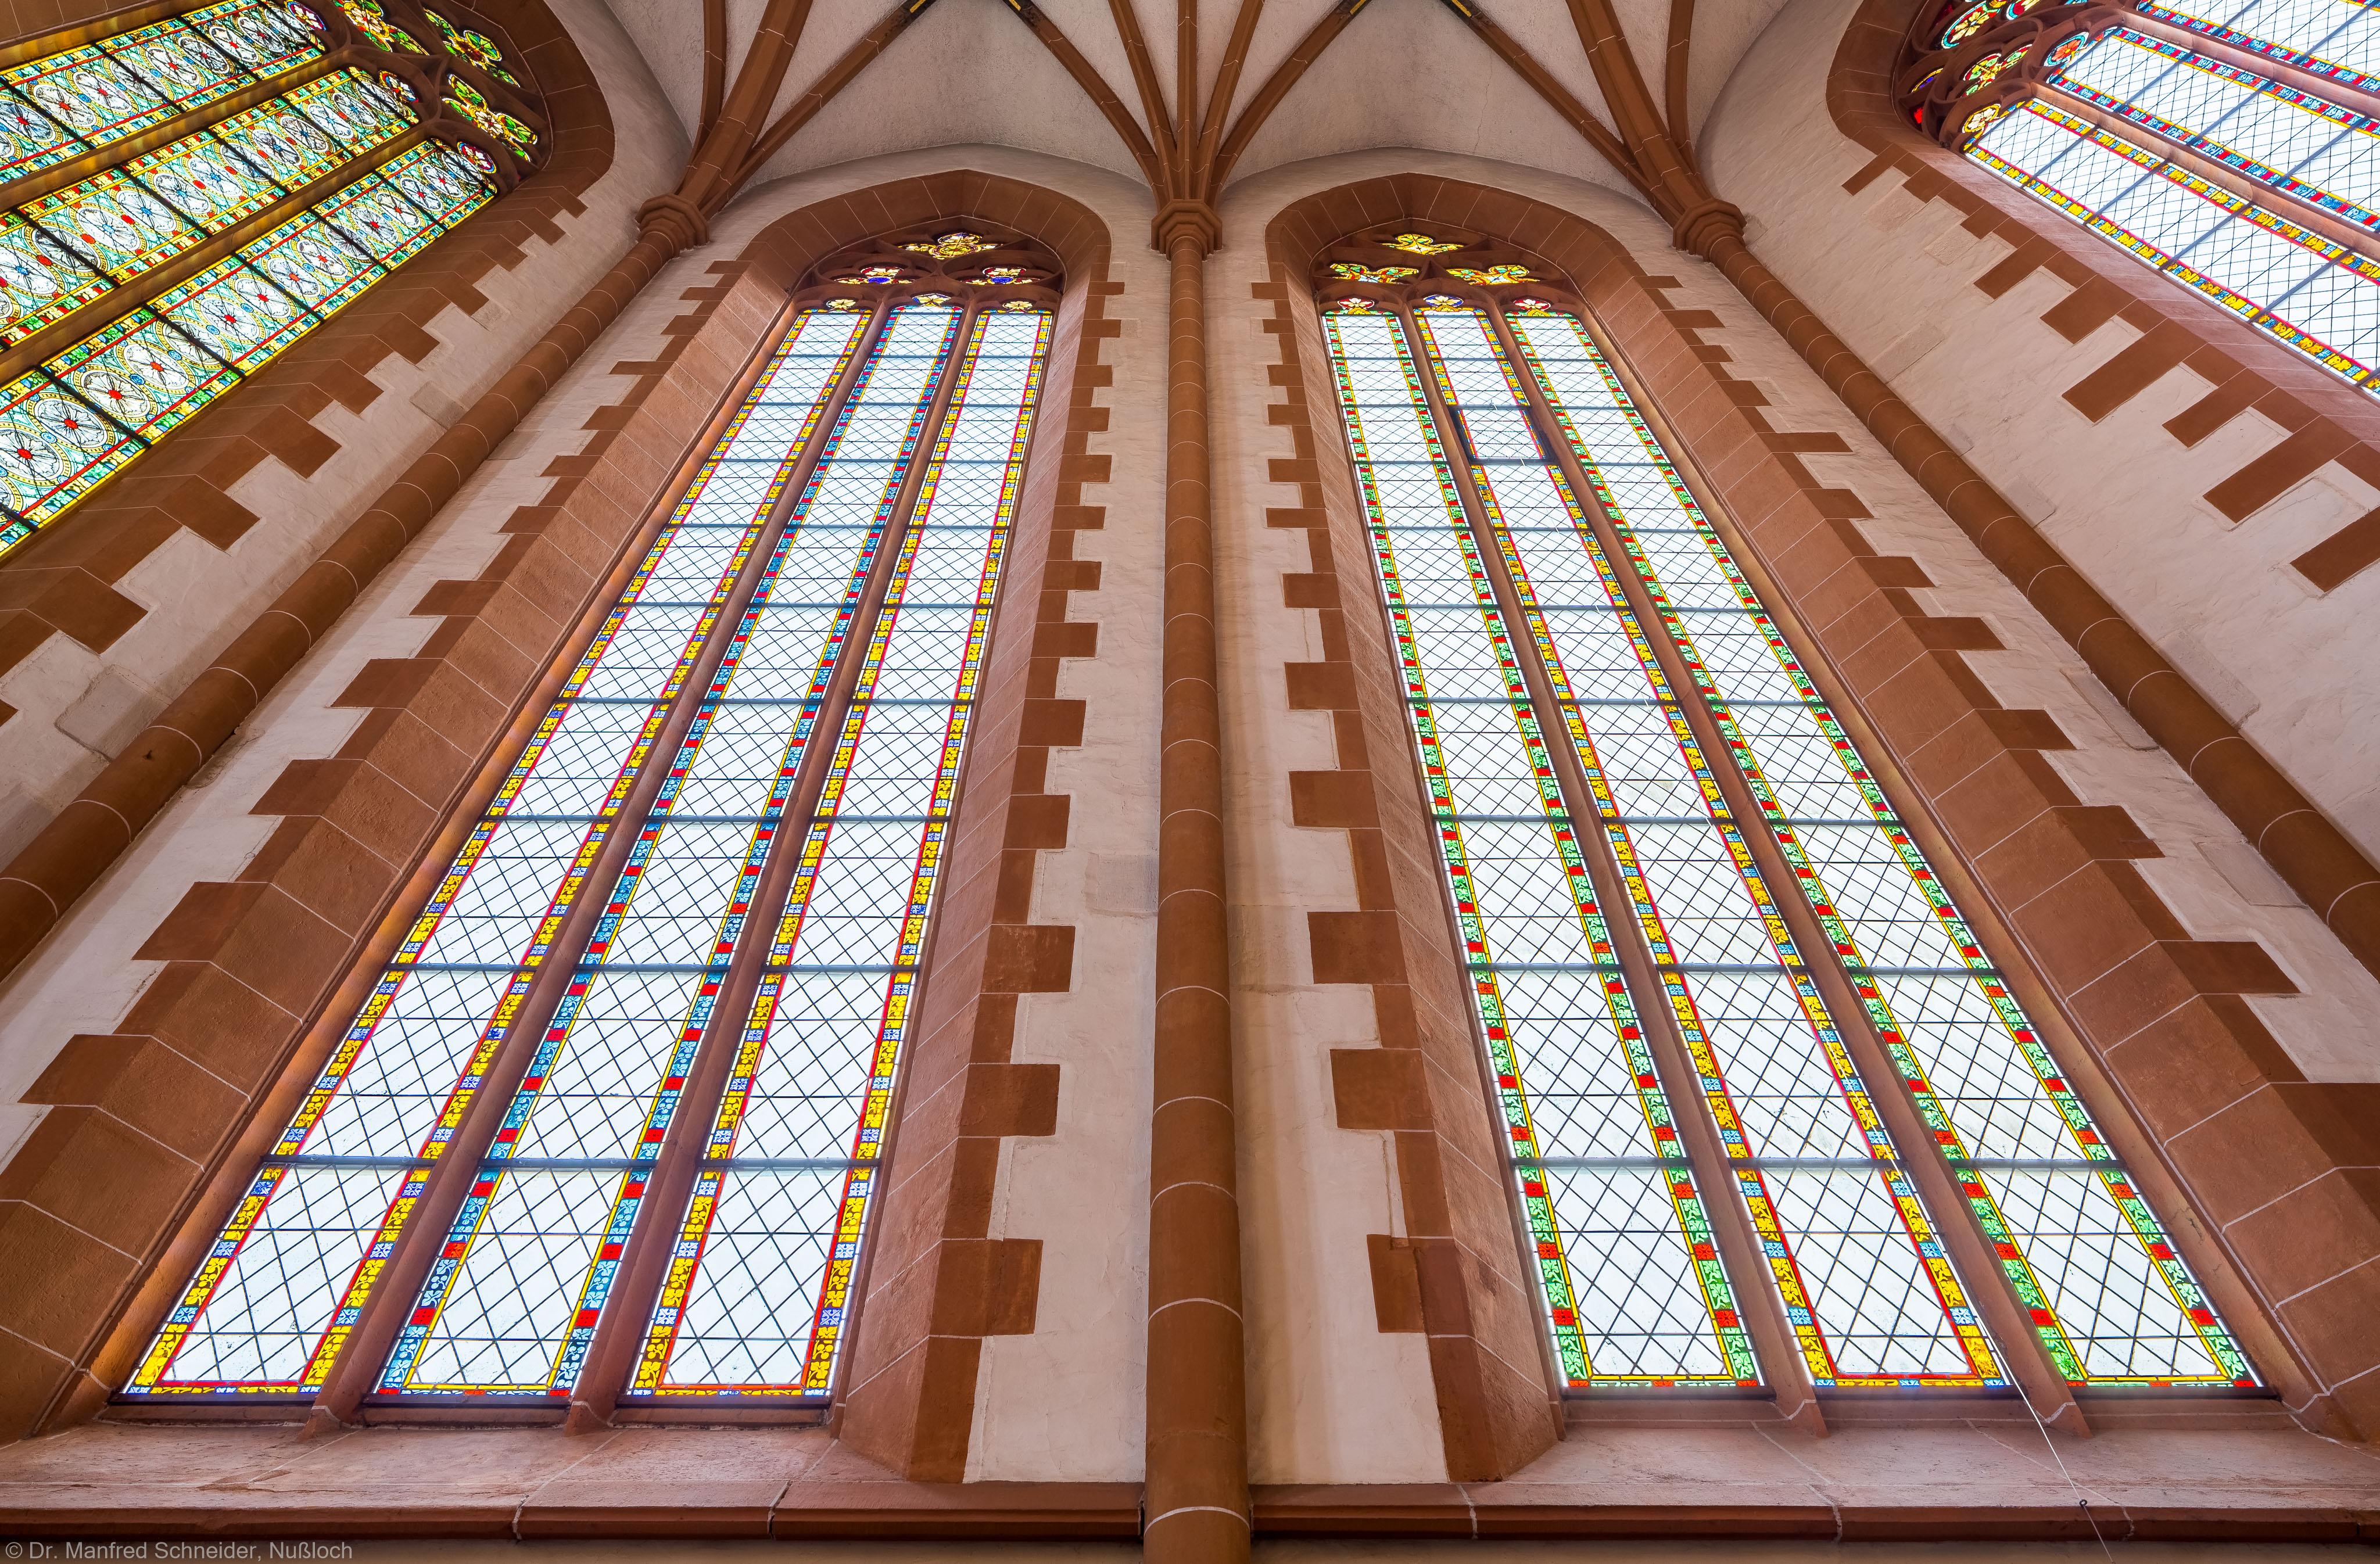 Heidelberg - Heiliggeistkirche - Chor - Blick von unten auf die südöstlichen Chorfenster, vor der Südostwand stehend (aufgenommen im Dezember 2013, am späten Vormittag)